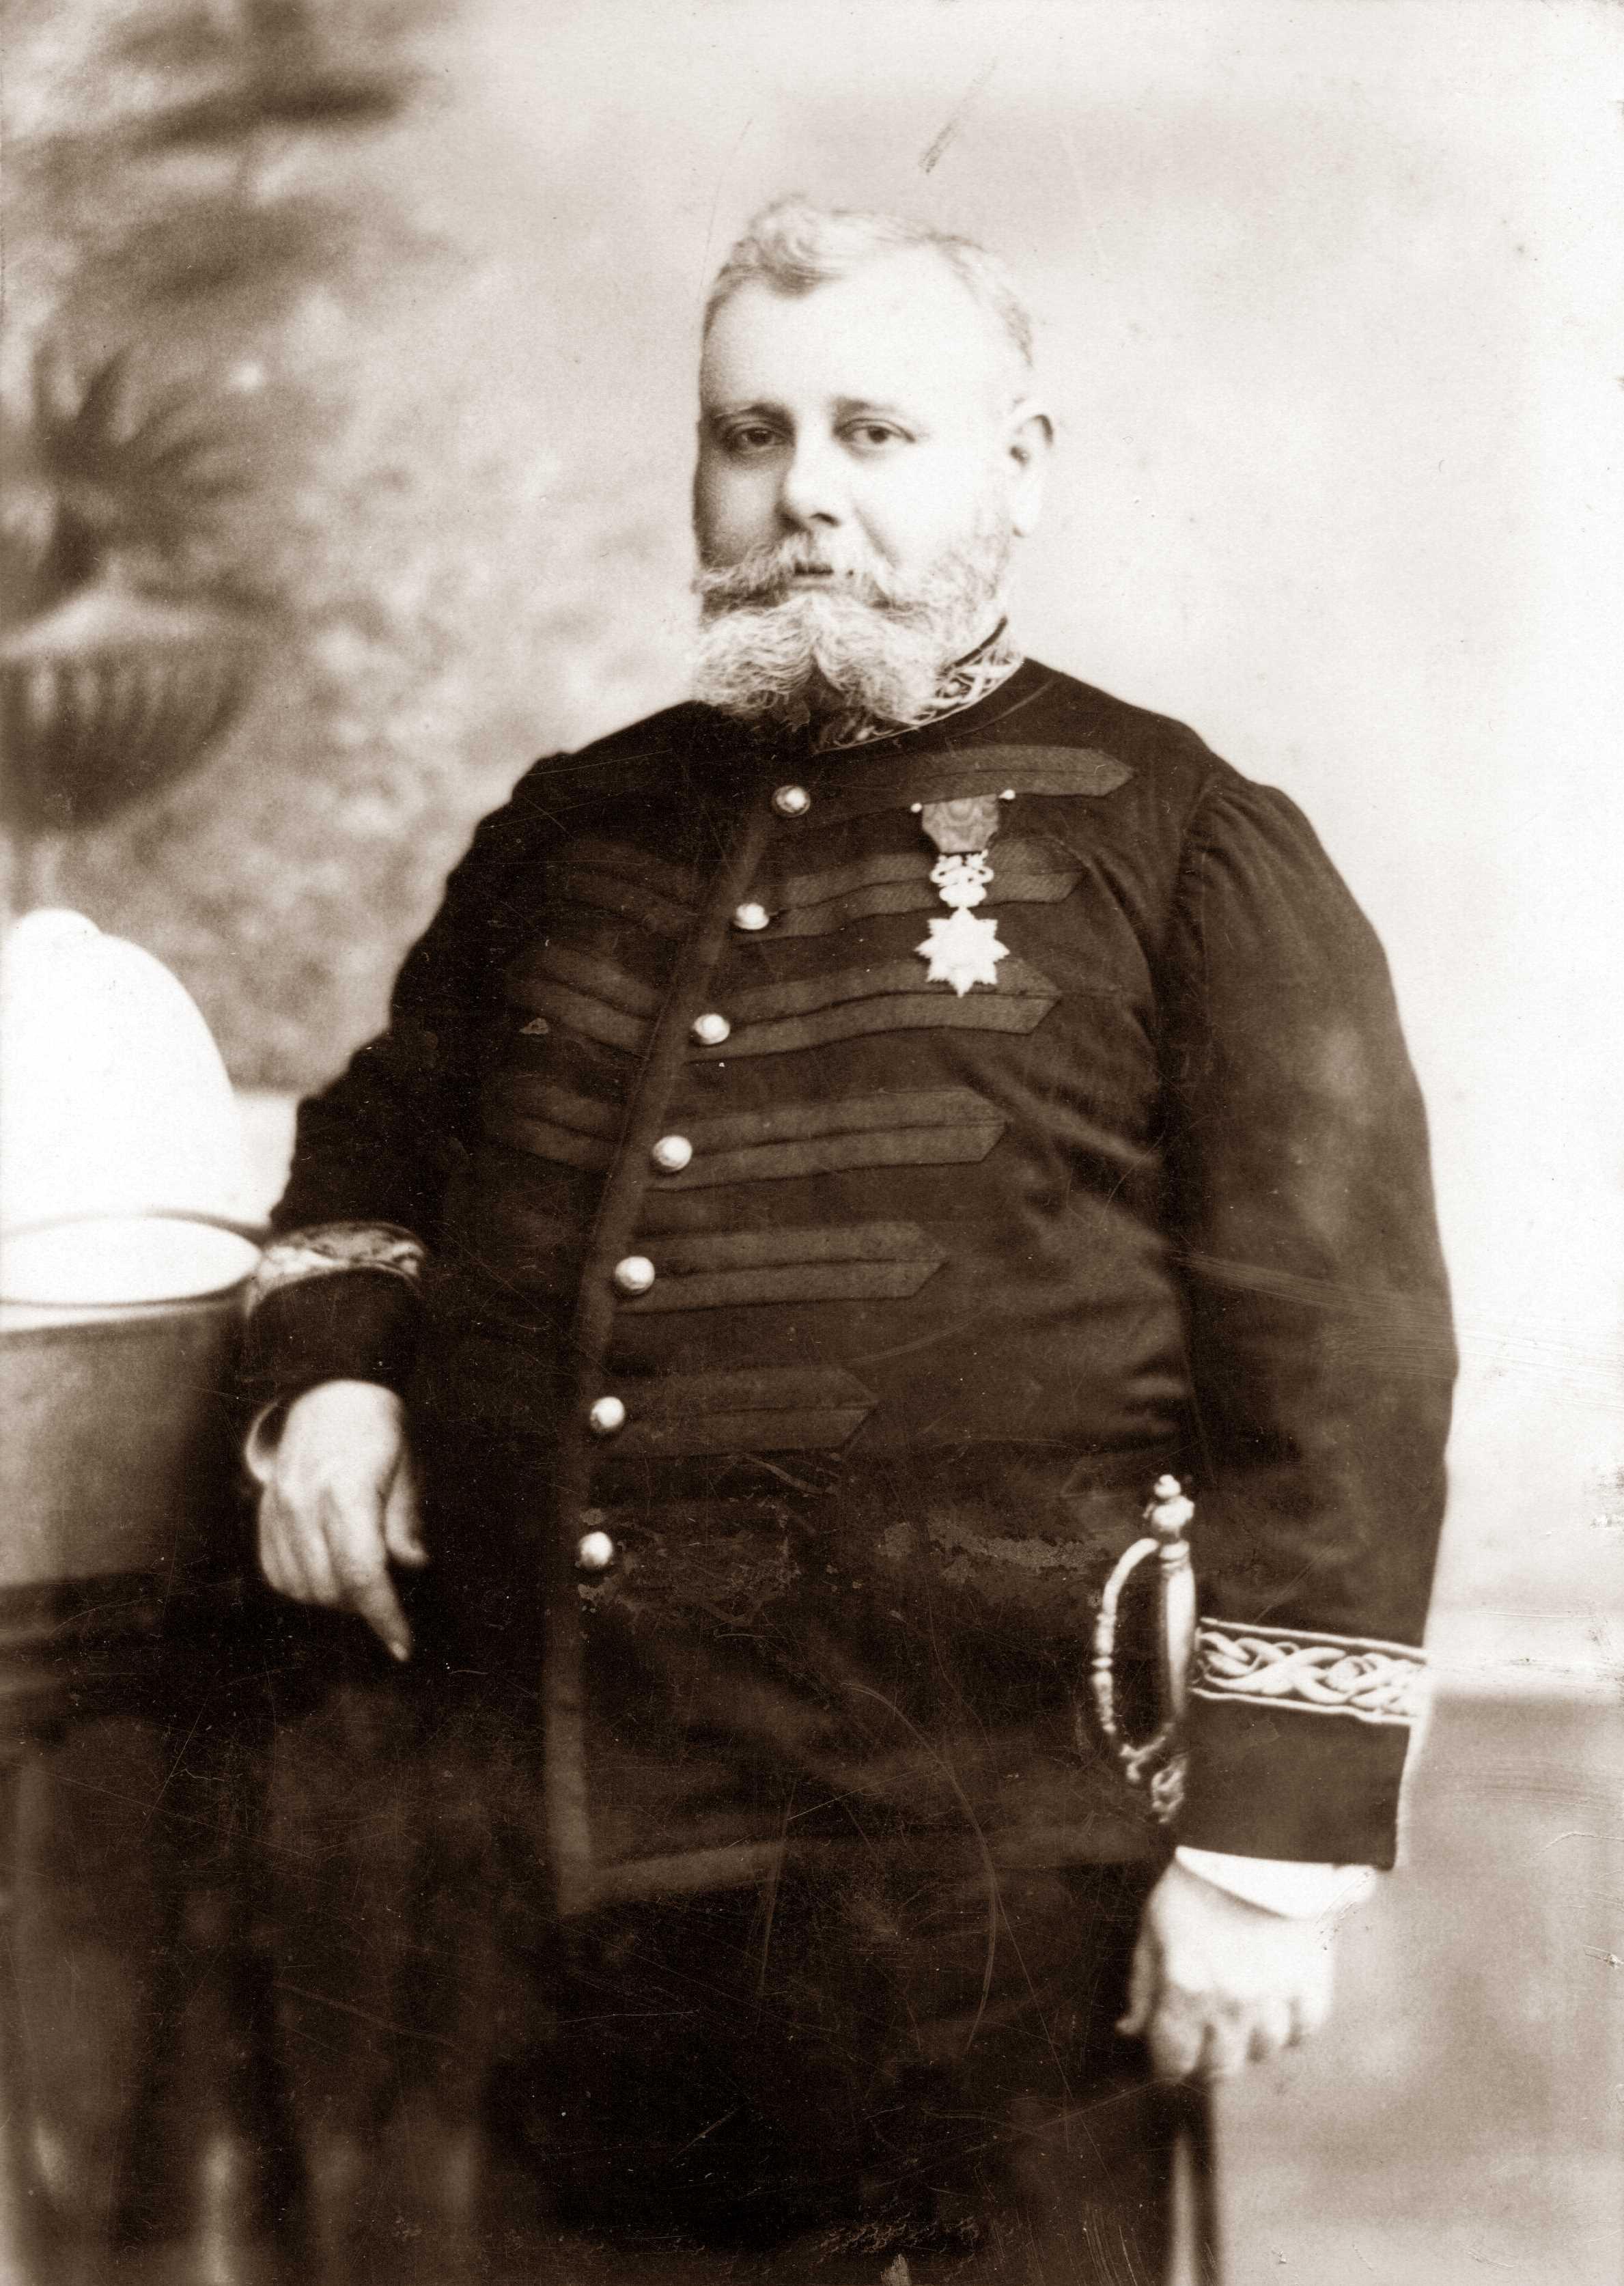 Charles Alerini fotografiat per L. Alessi a Bastia entre 1893 i 1894